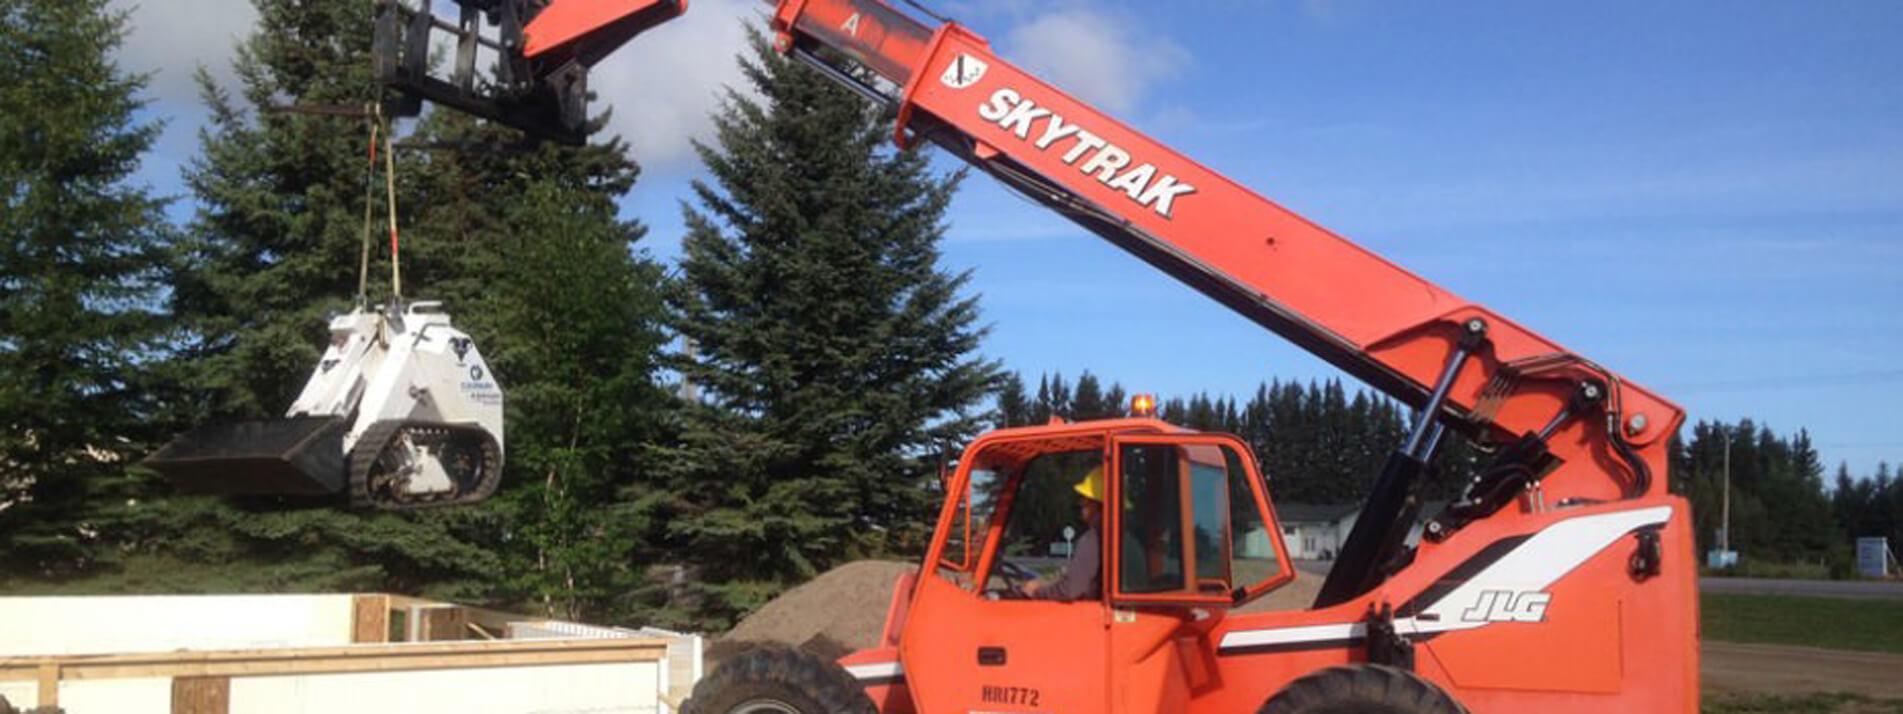 Skytrak Crane